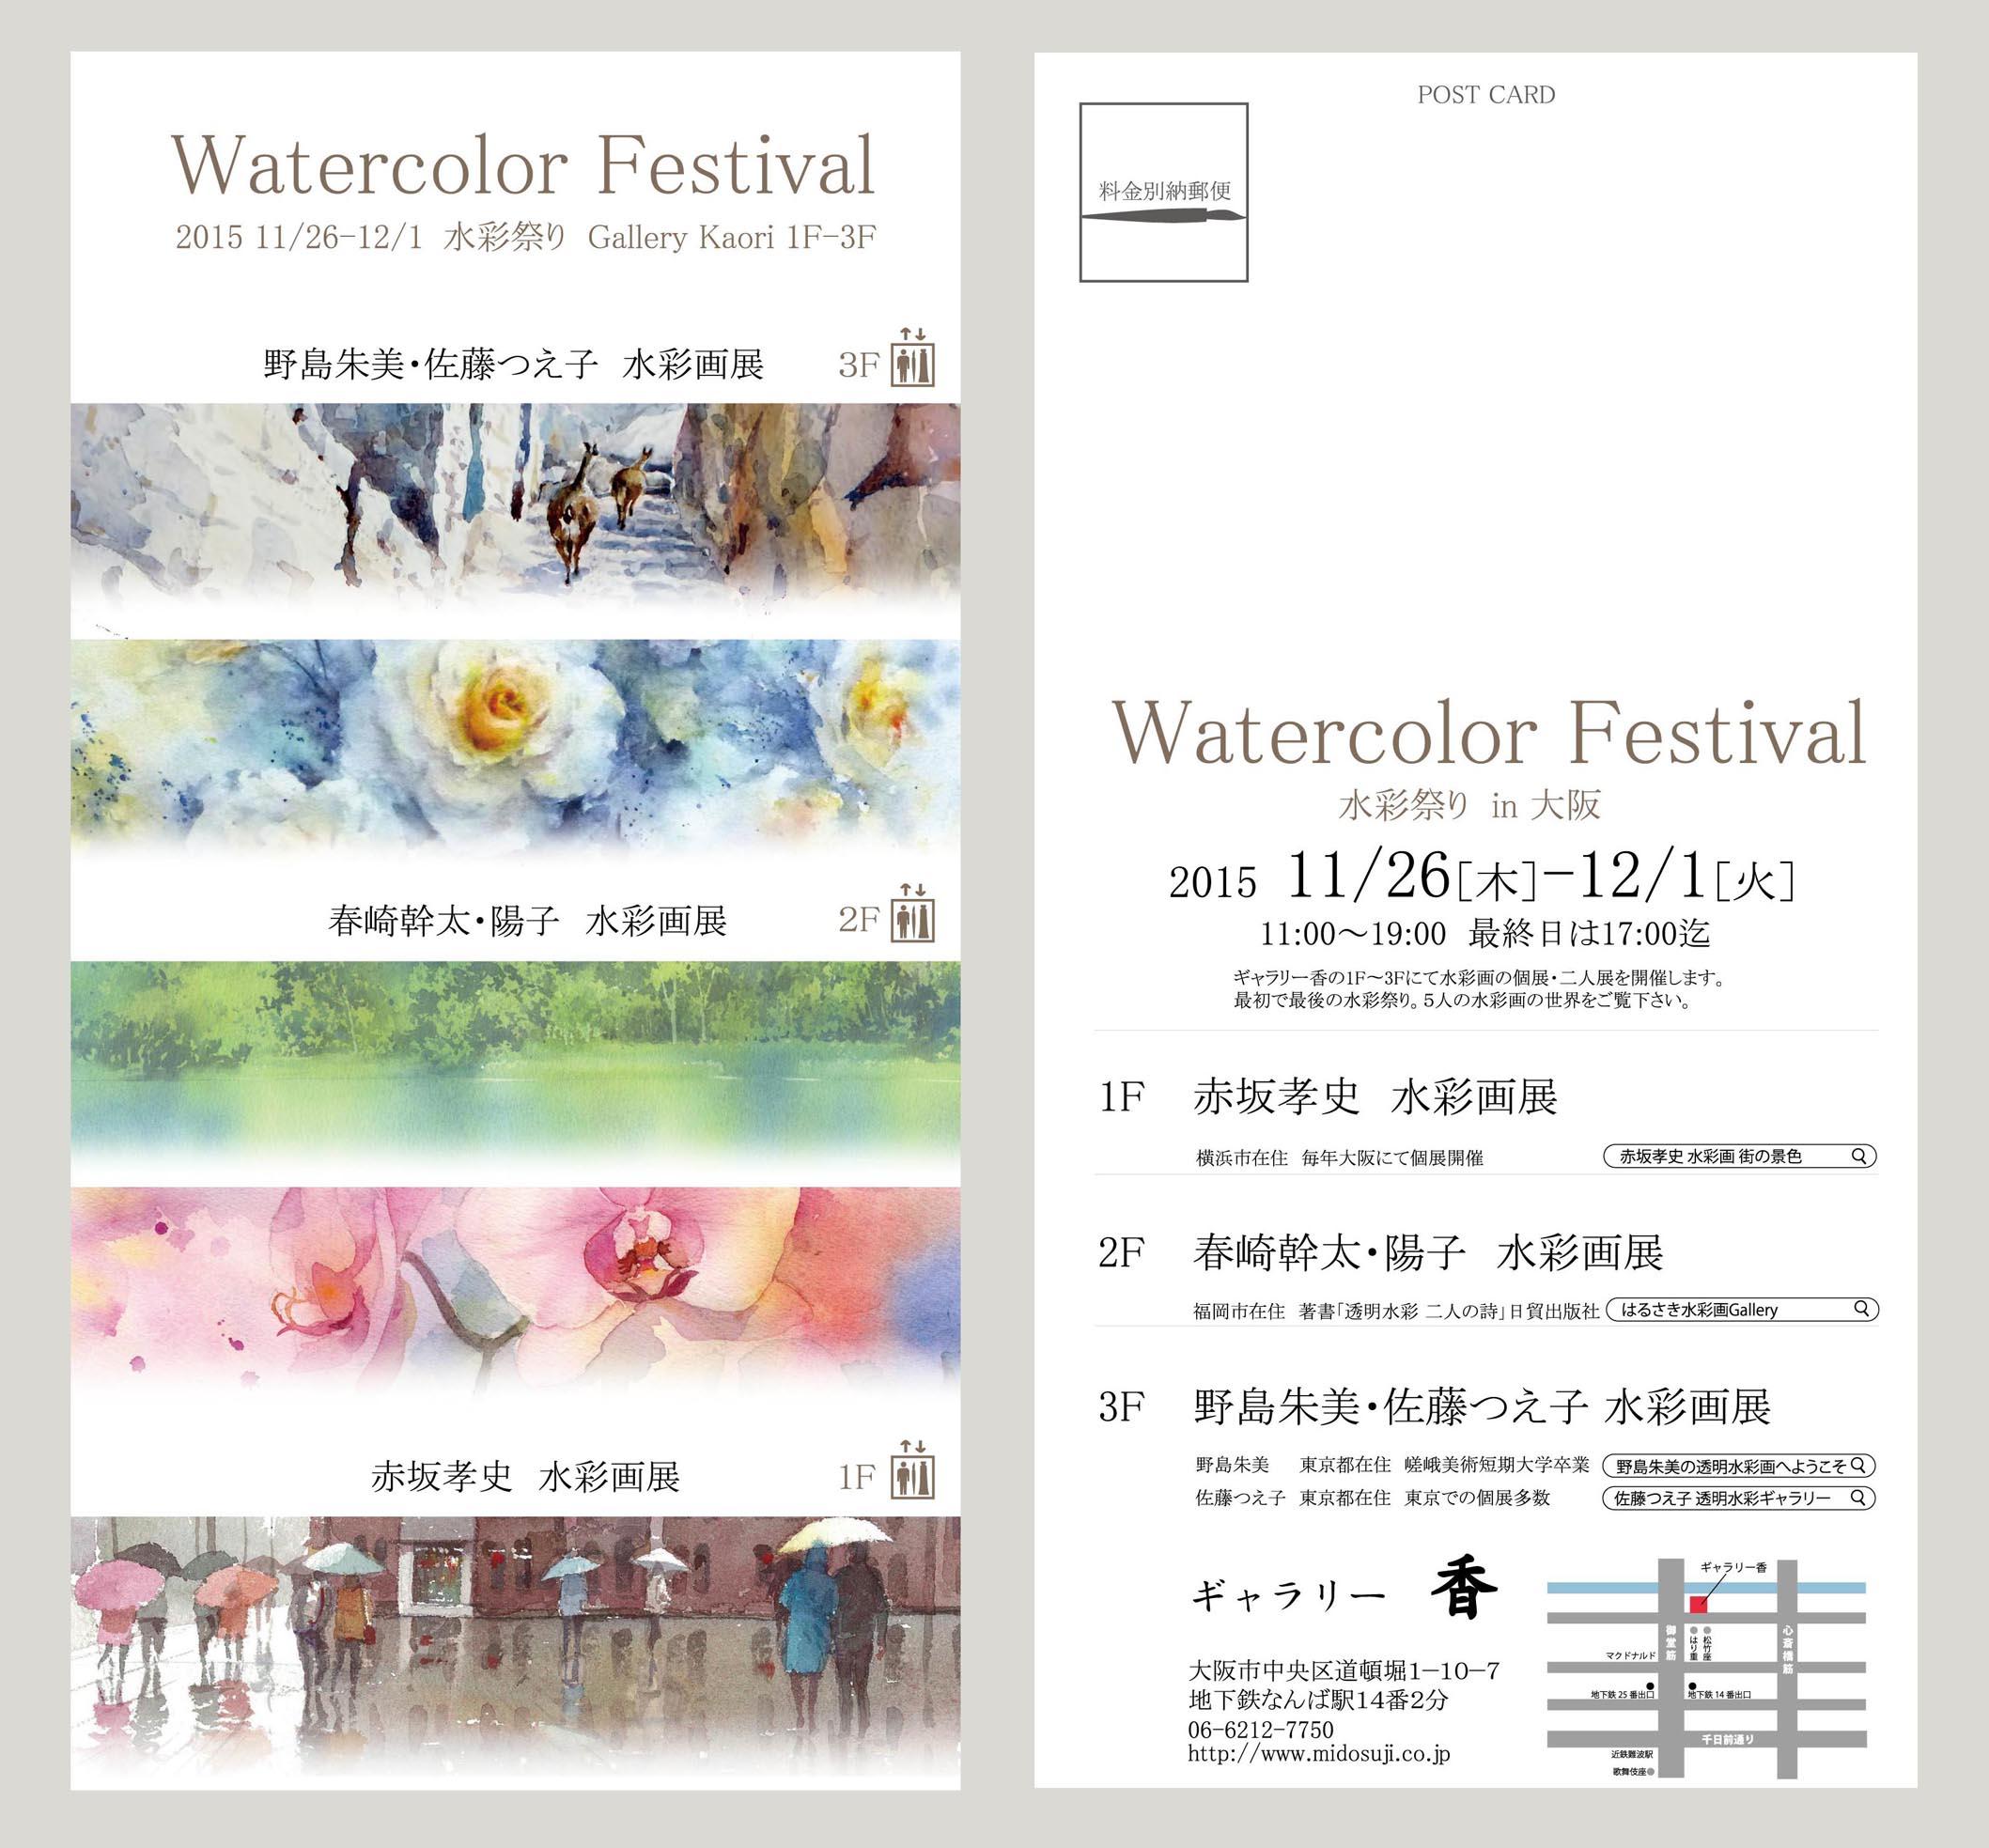 大阪 春崎幹太・陽子水彩画展 Watercolor Festival_f0176370_14262878.jpg